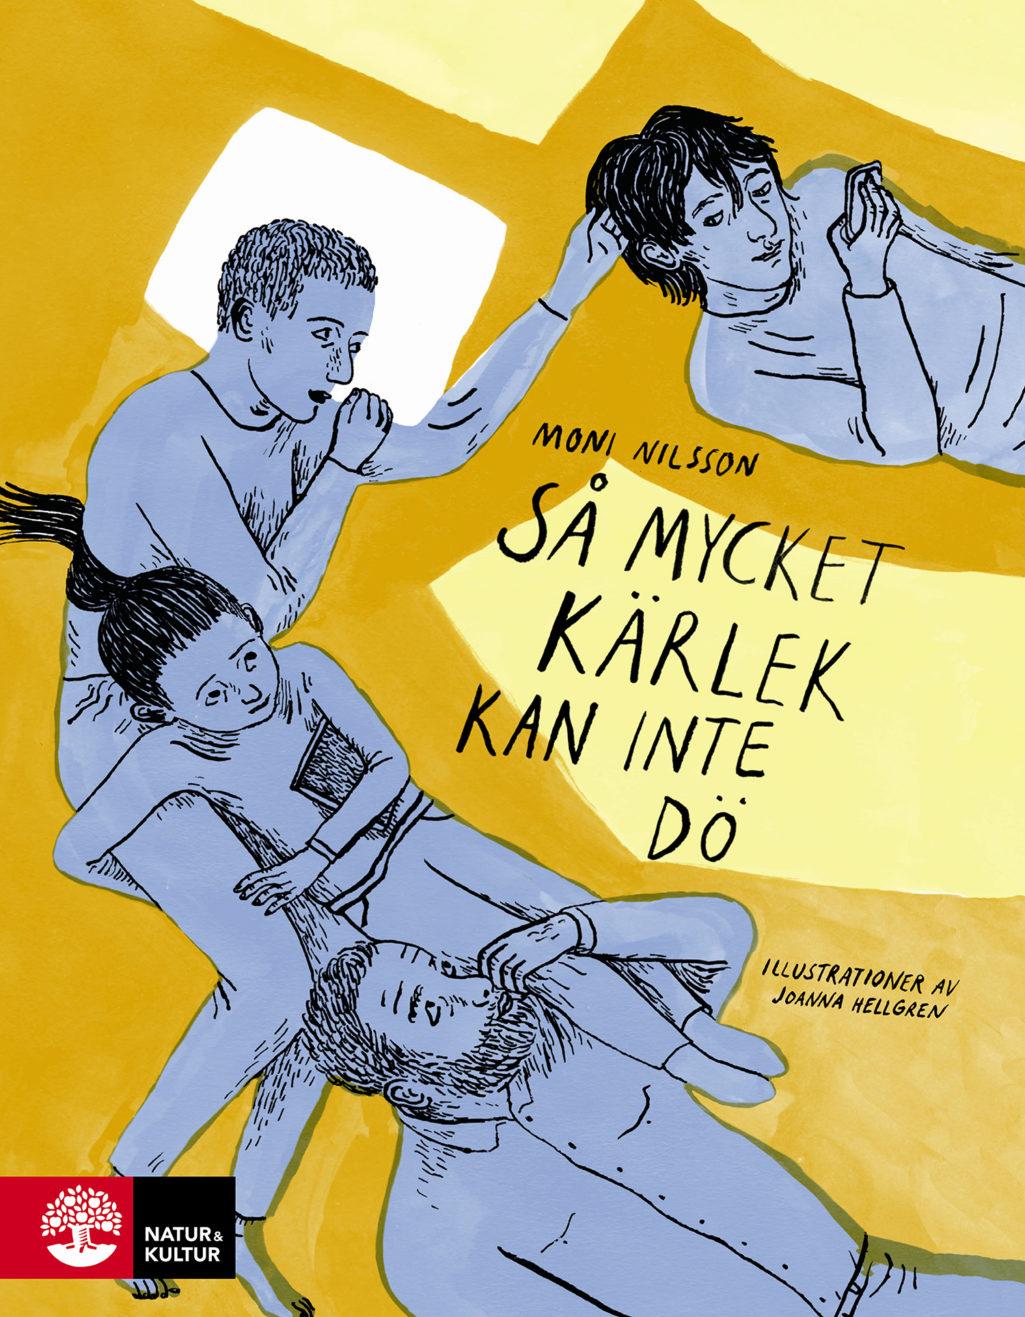 sa_mycket_karlek_omslag-3